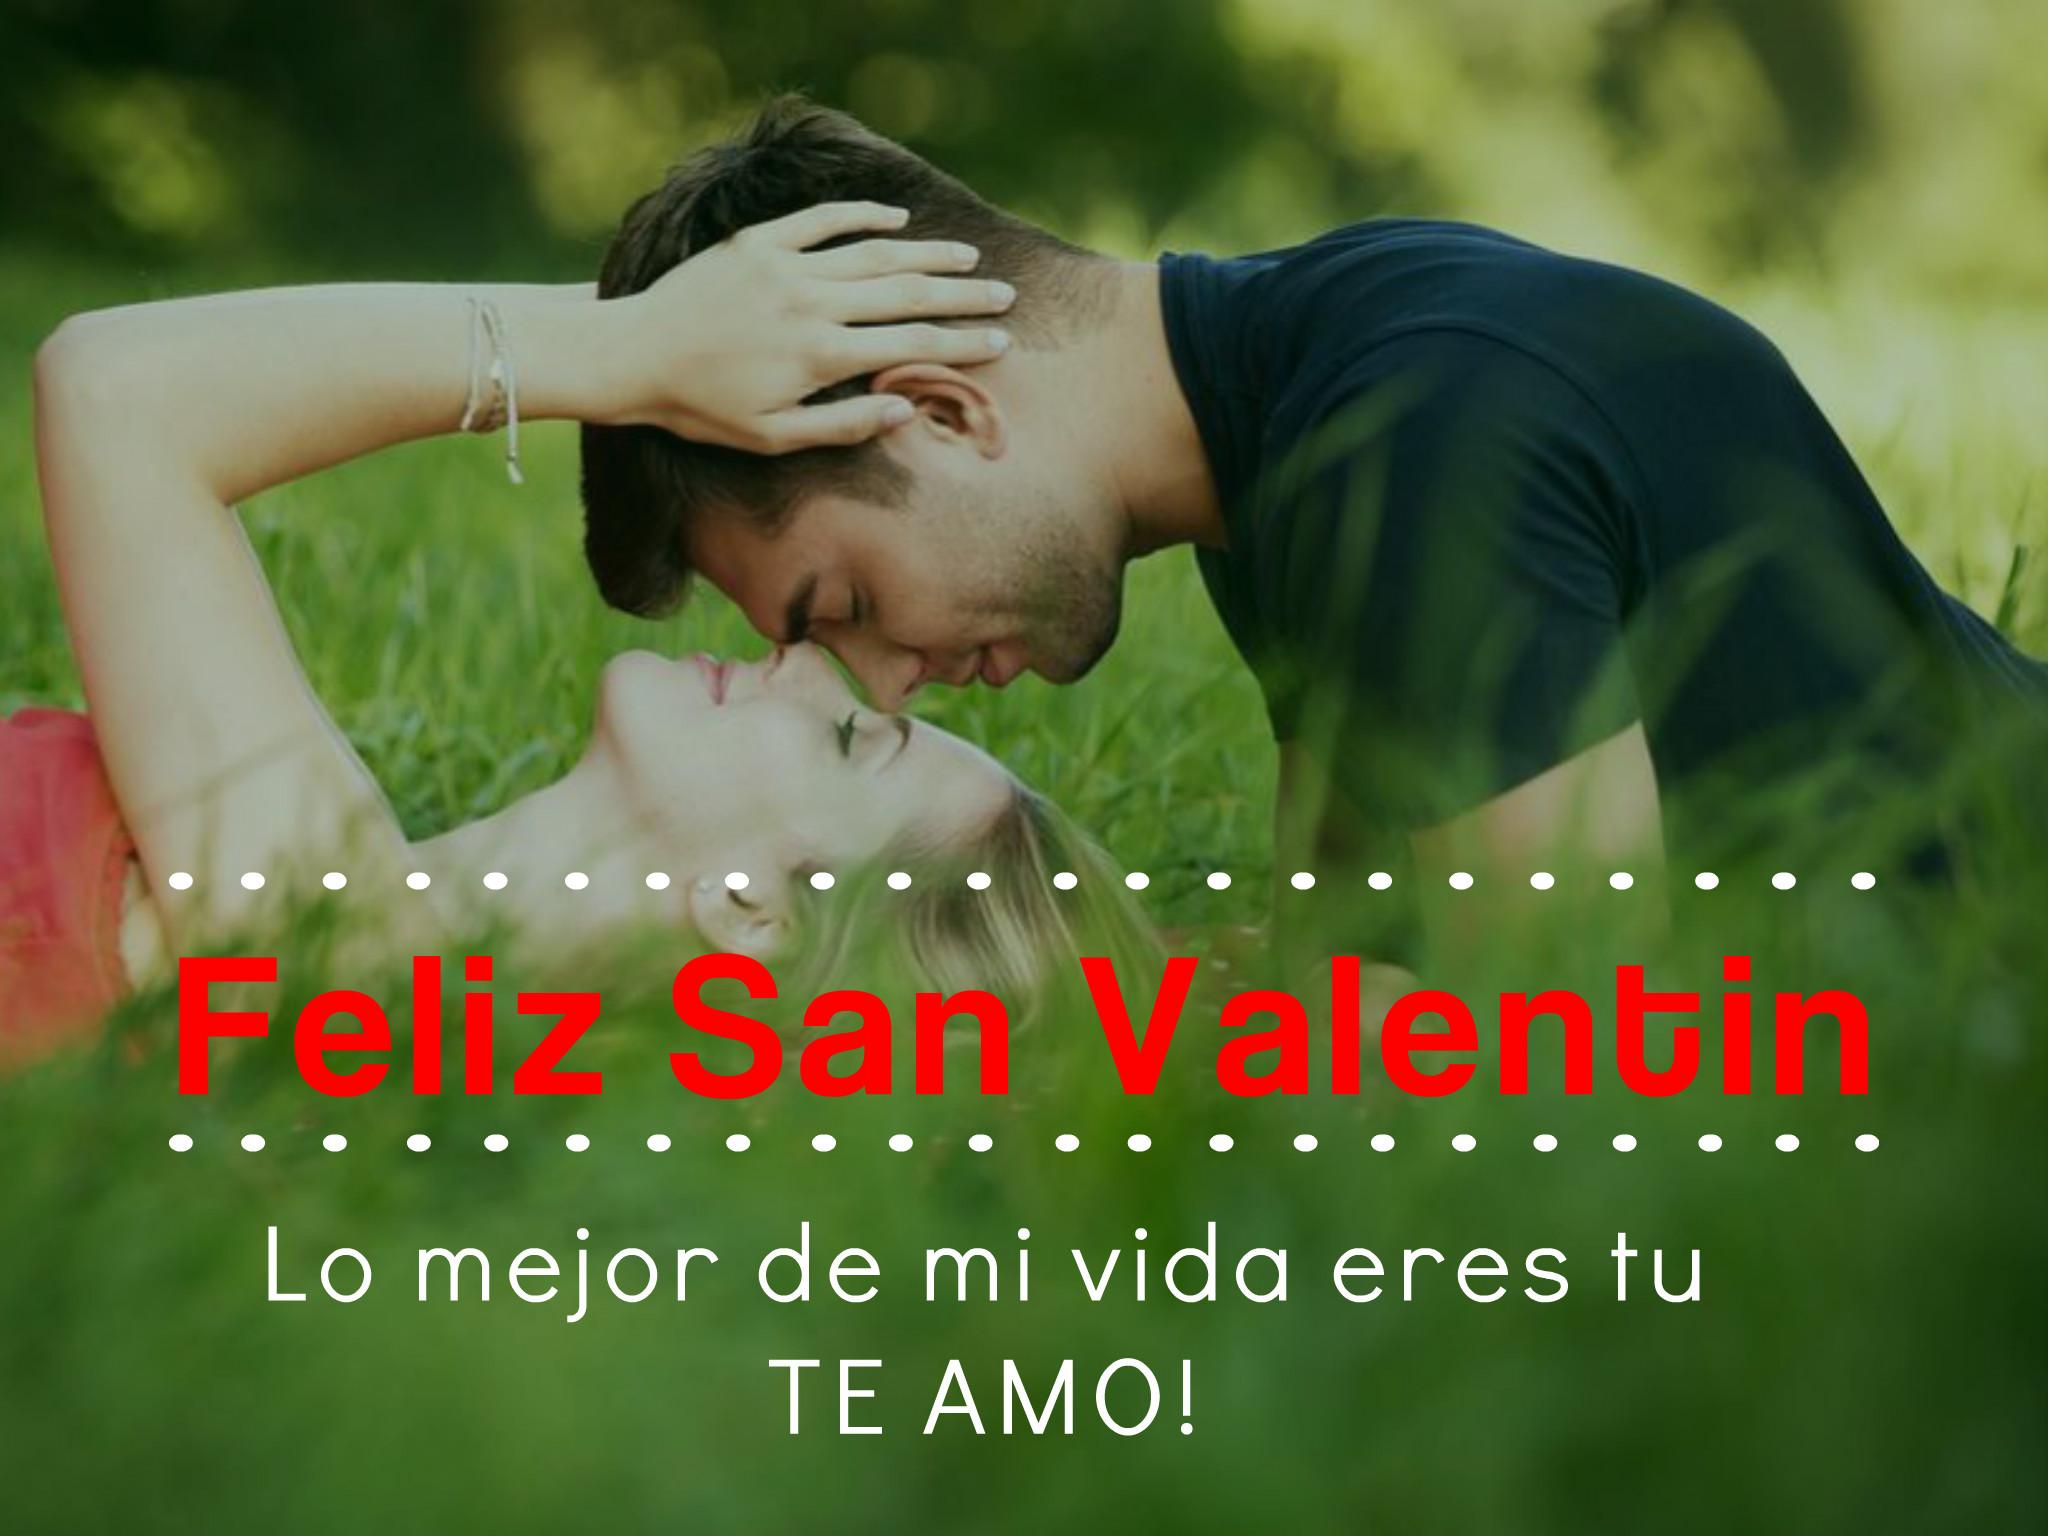 imágenes y frases para San Valentín